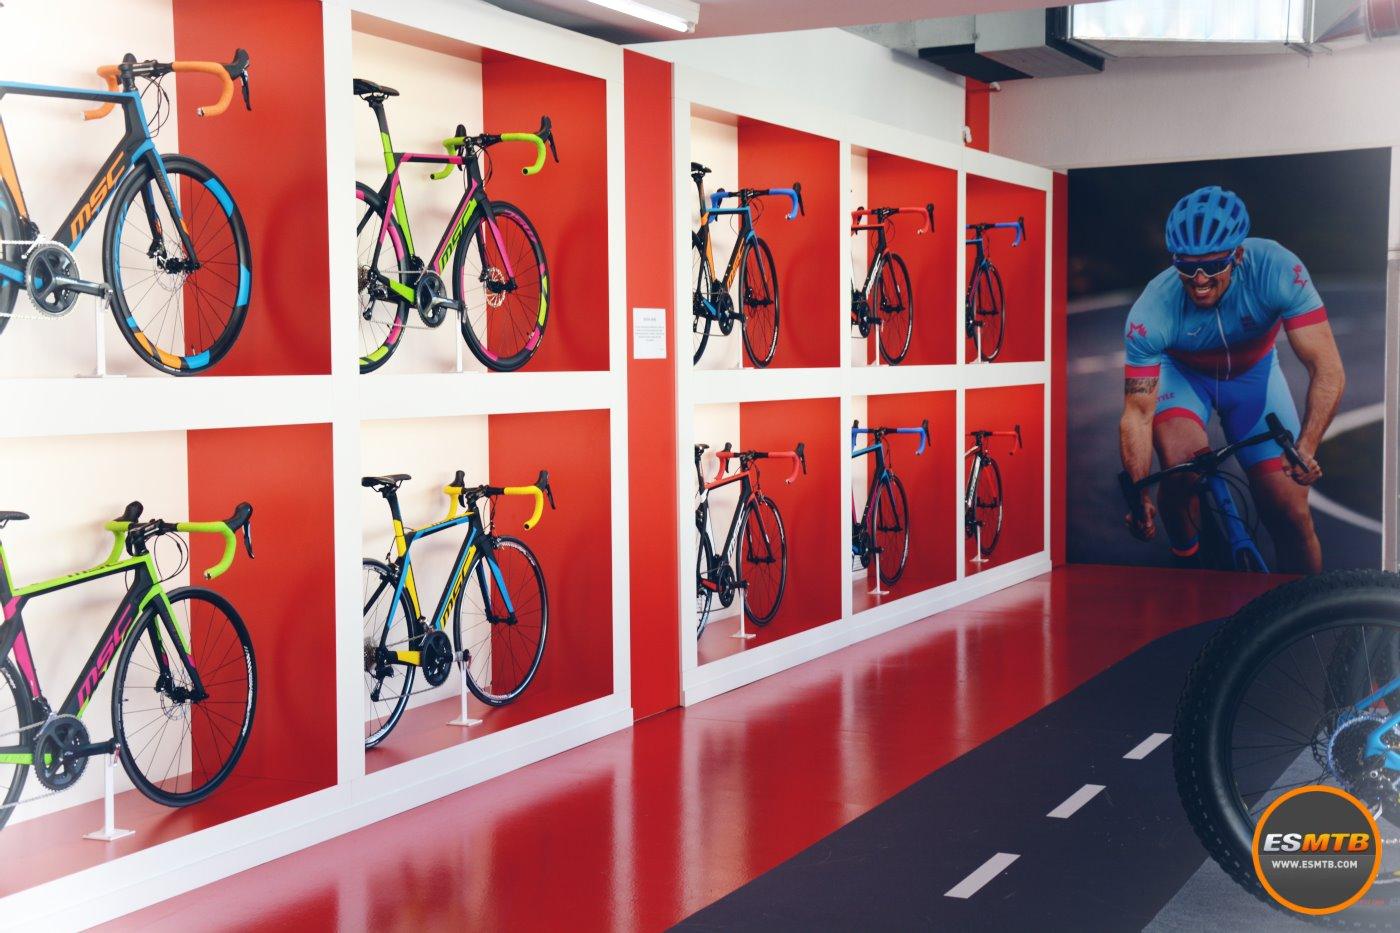 La gama de bicicletas de carretera